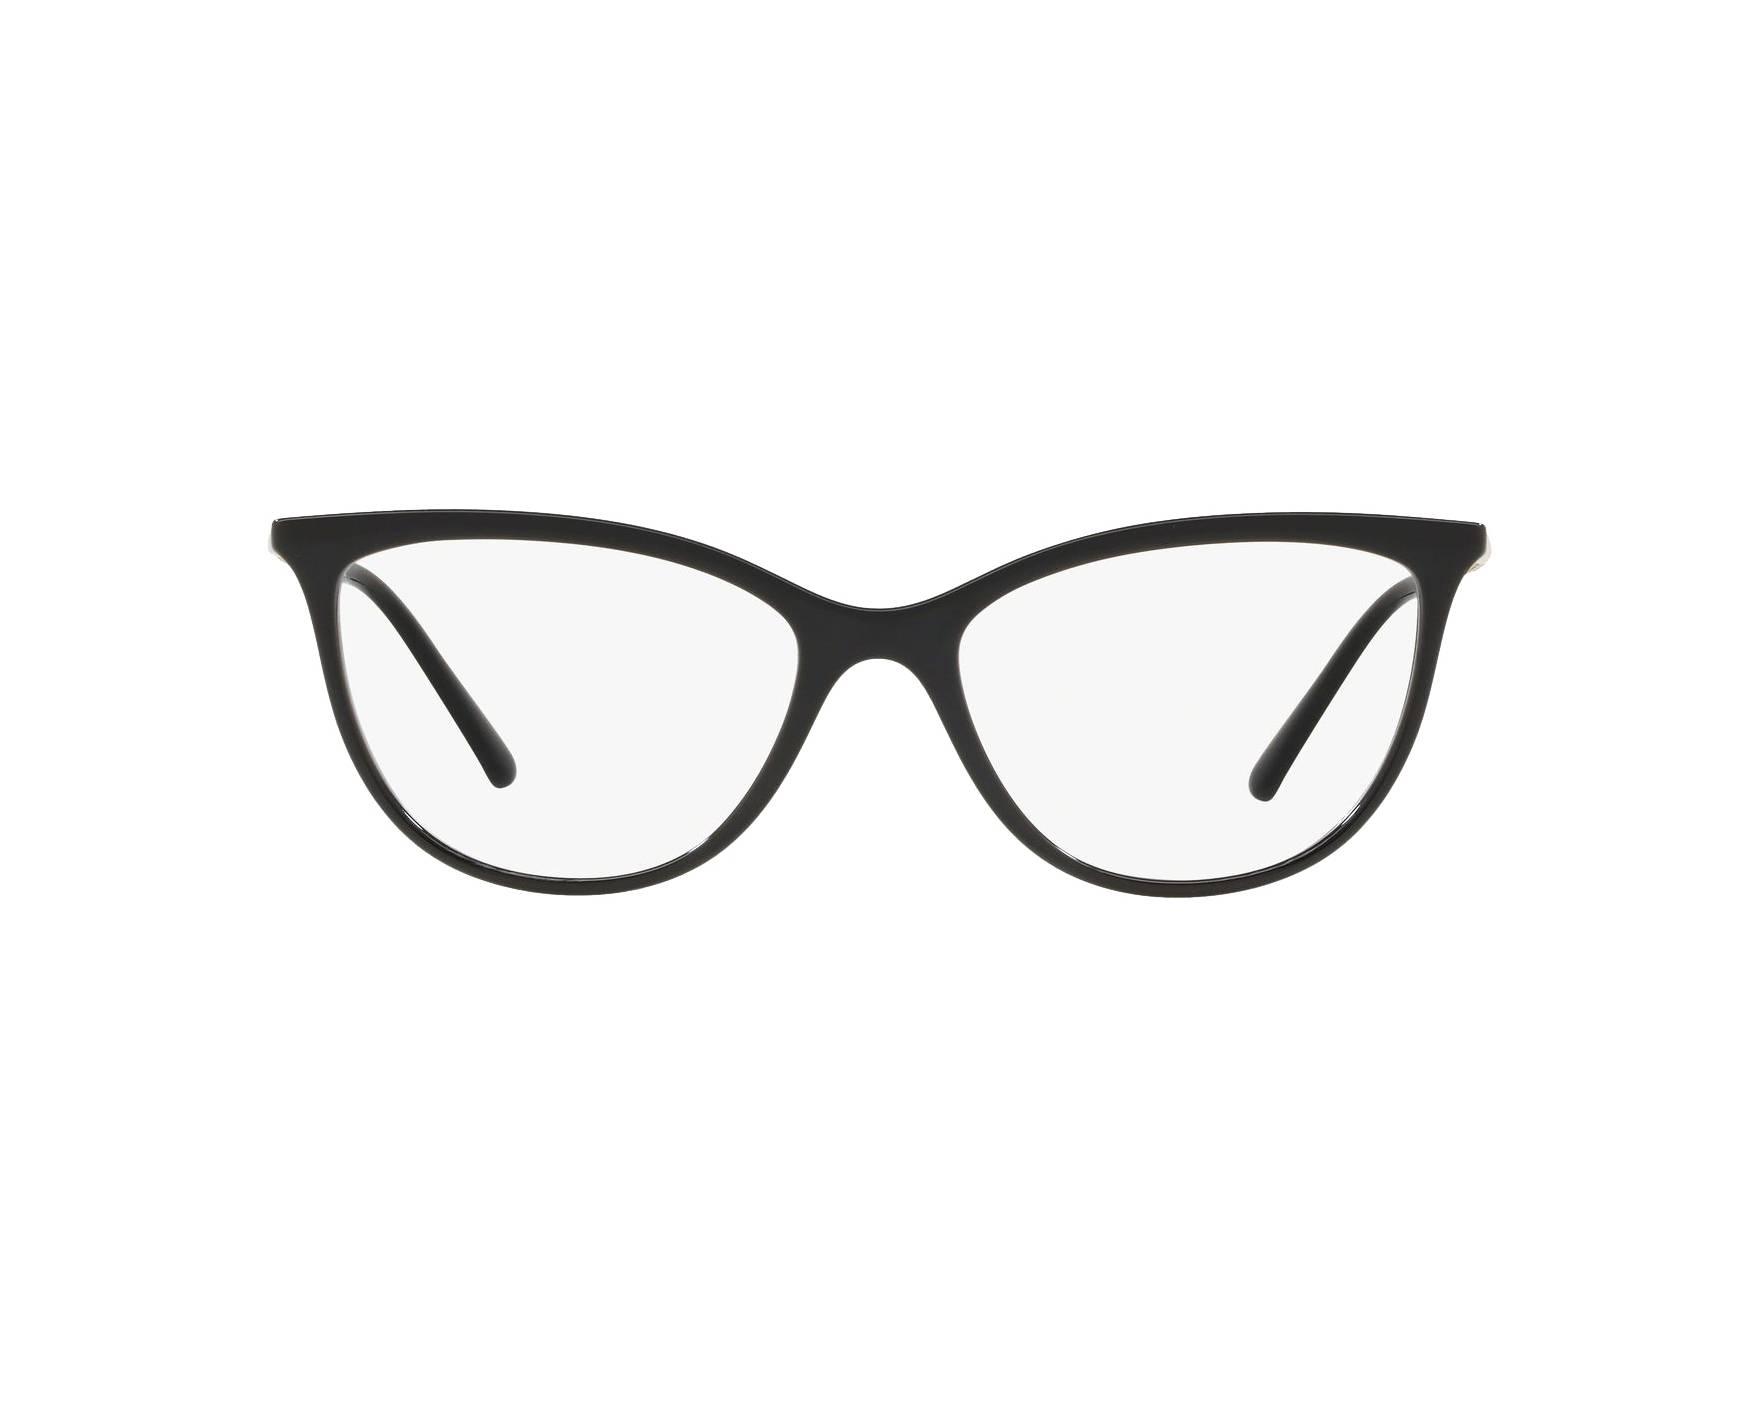 5166a1278b Gafas Graduadas Vogue VO-5239 W44 52-16 Negra Oro Vista de 360 grados